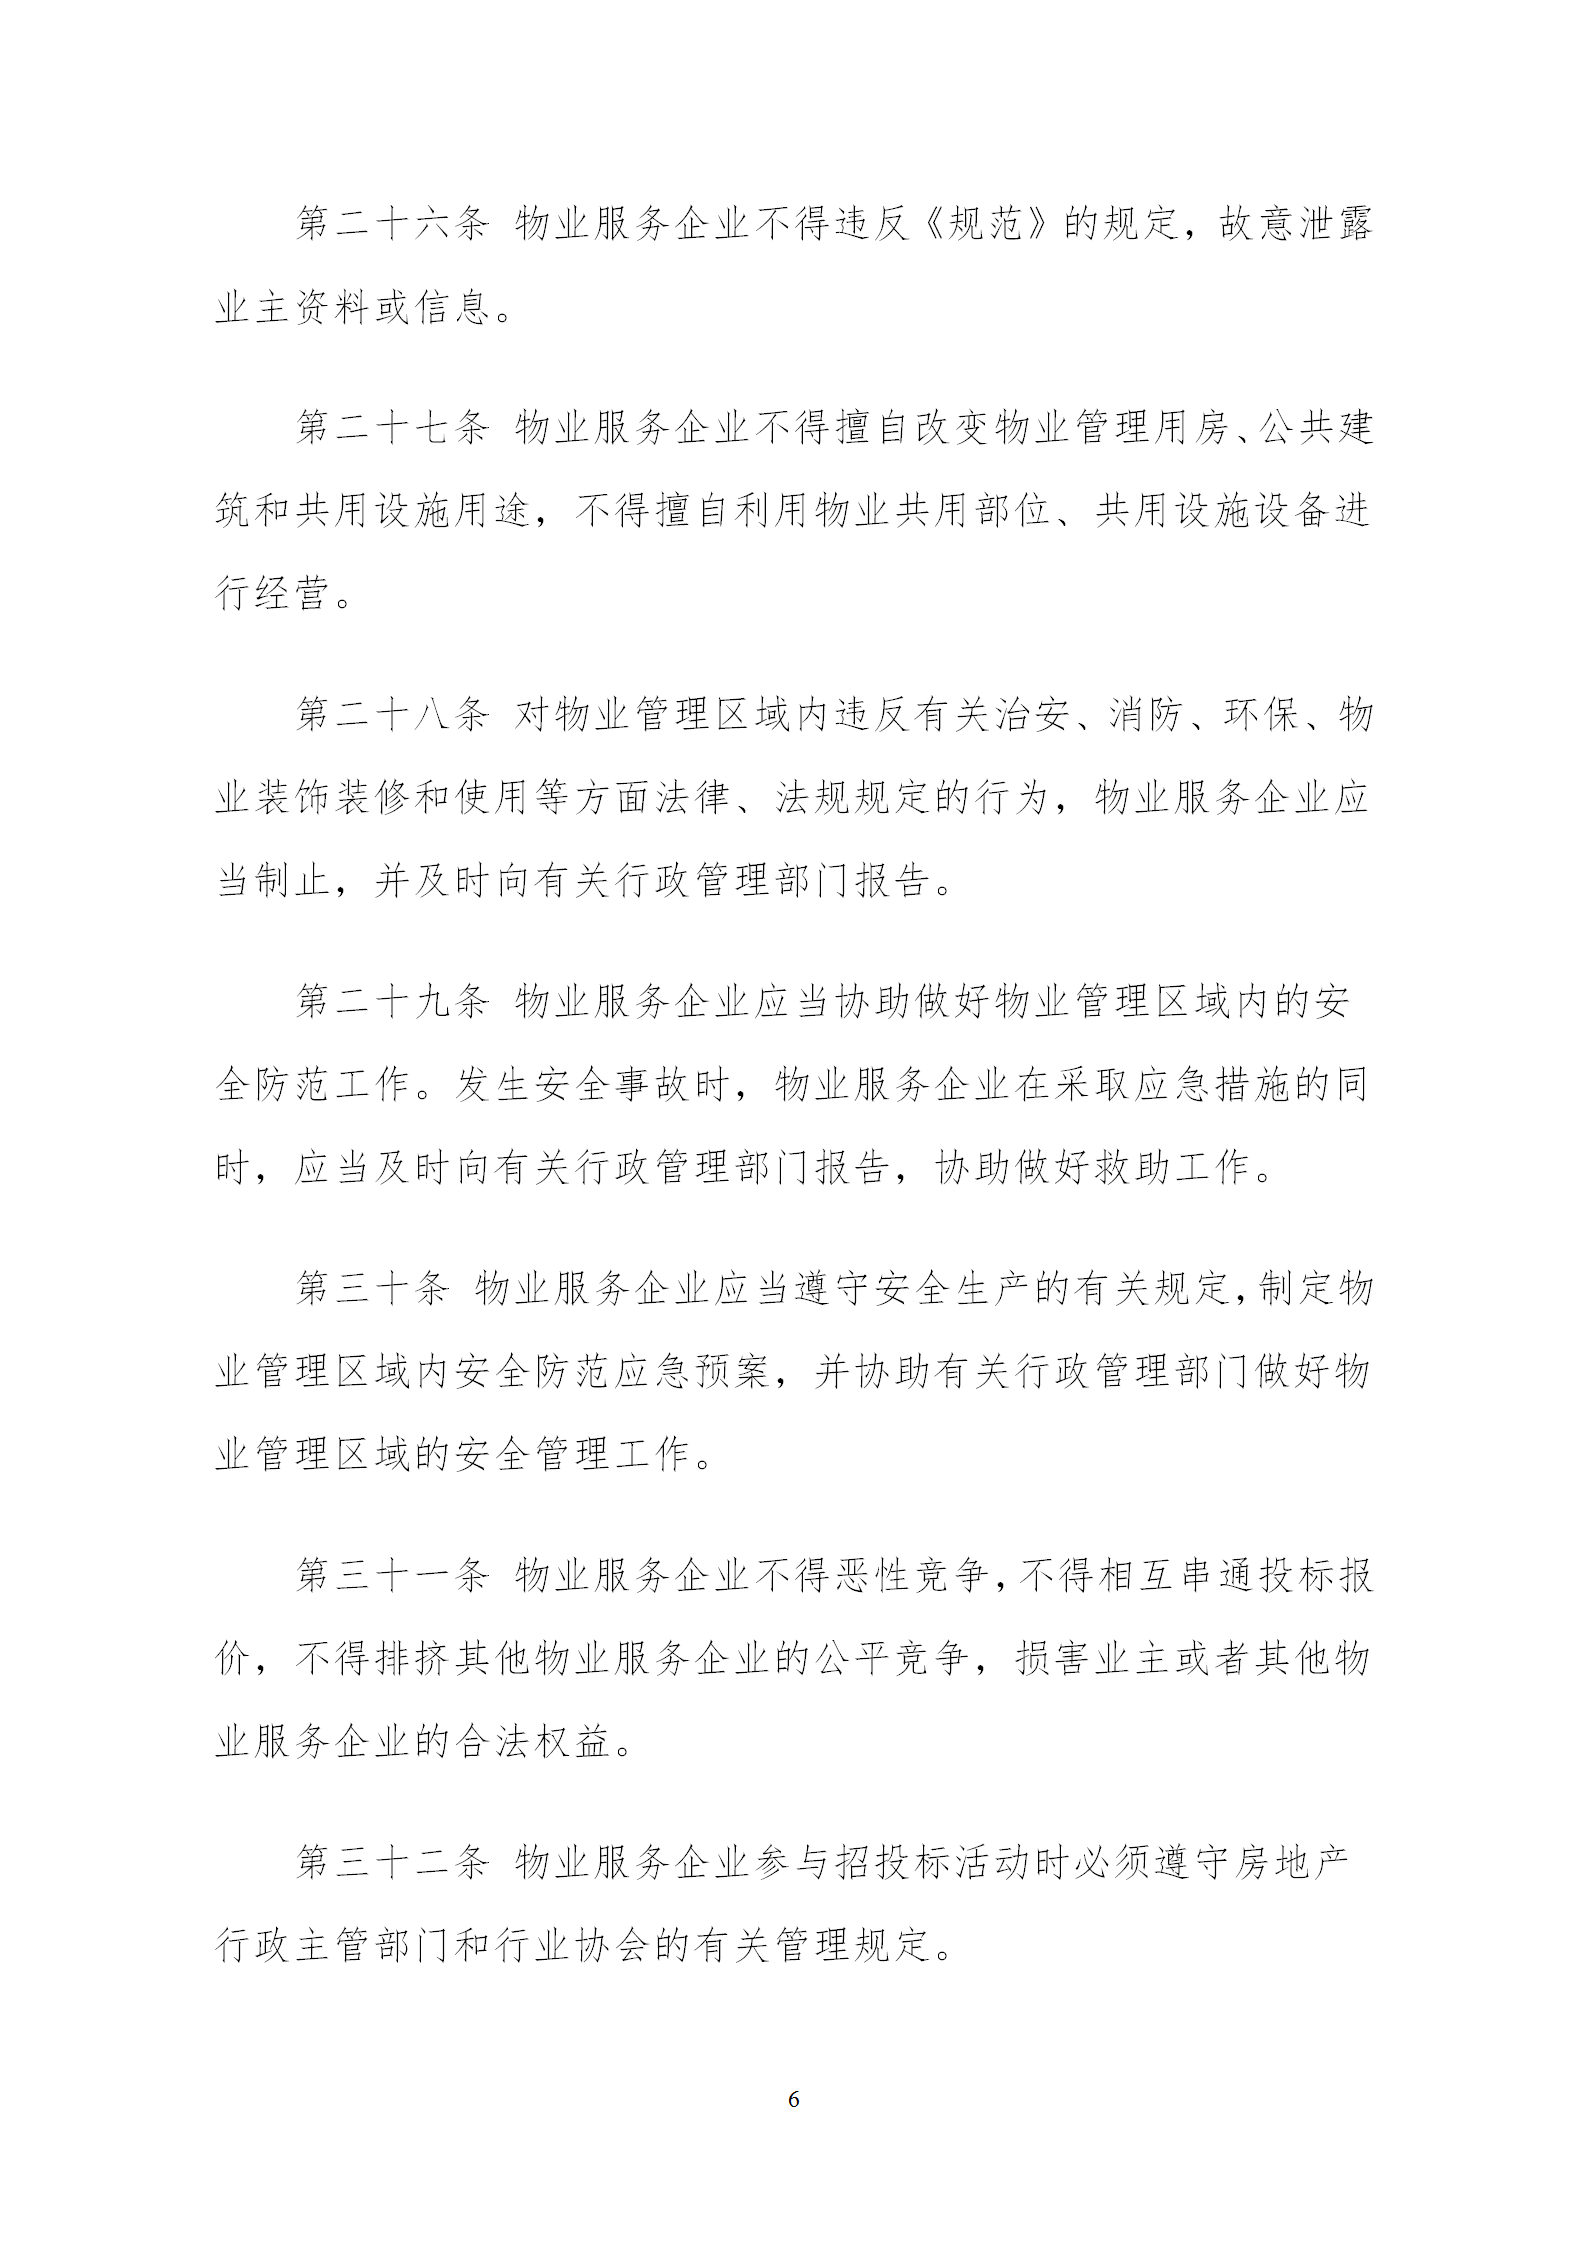 洪物协字[2020]20号关于贯彻落实《南昌市物业管理行业规范》的通知_06.png